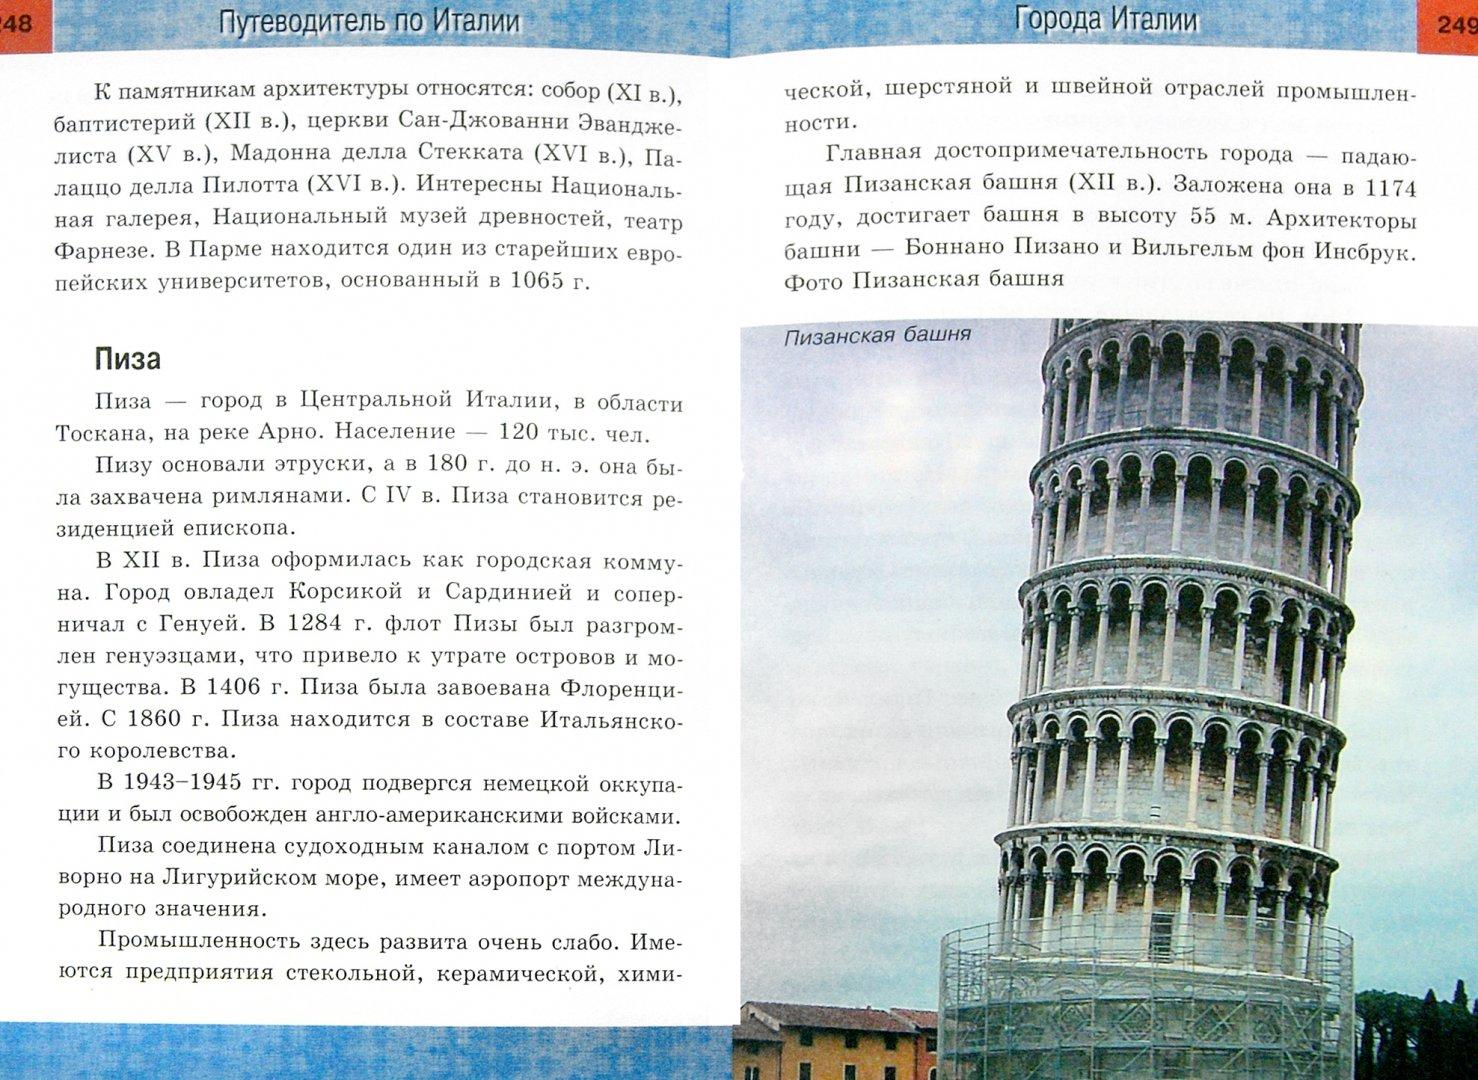 Иллюстрация 1 из 11 для Путеводитель по Италии - Карина Крестовская | Лабиринт - книги. Источник: Лабиринт